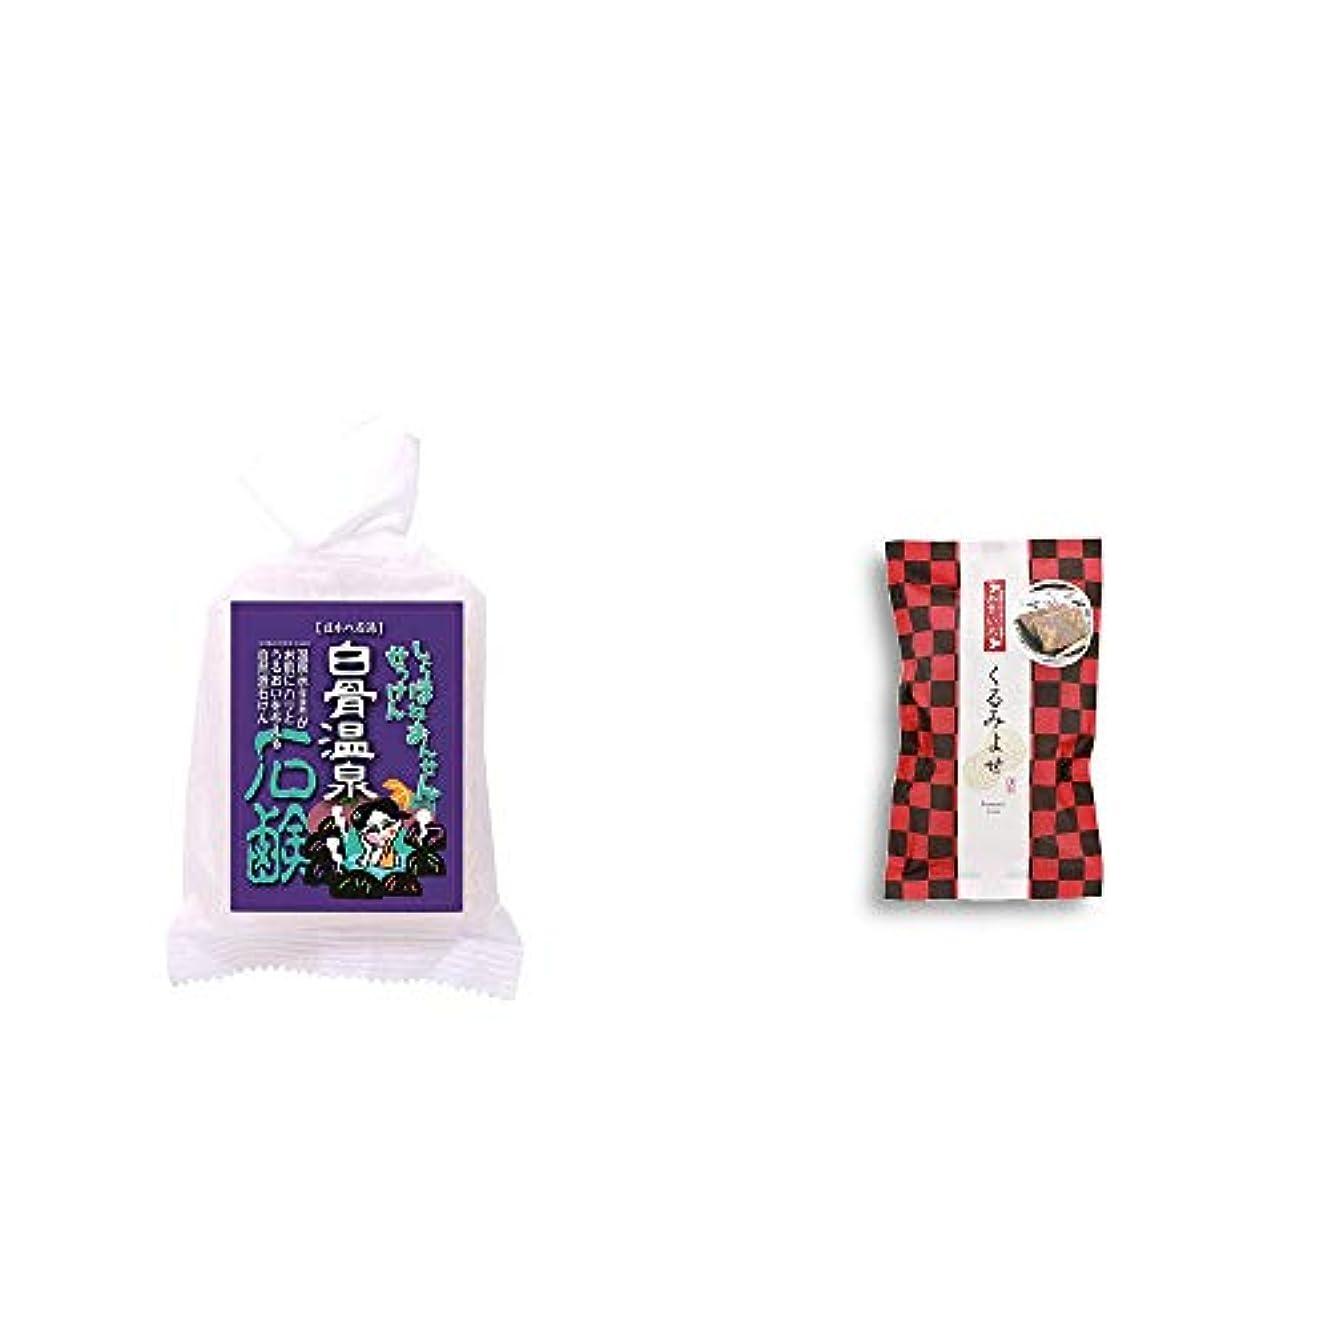 地味なめる砦[2点セット] 信州 白骨温泉石鹸(80g)?くるみよせ(こし餡)(5個入)